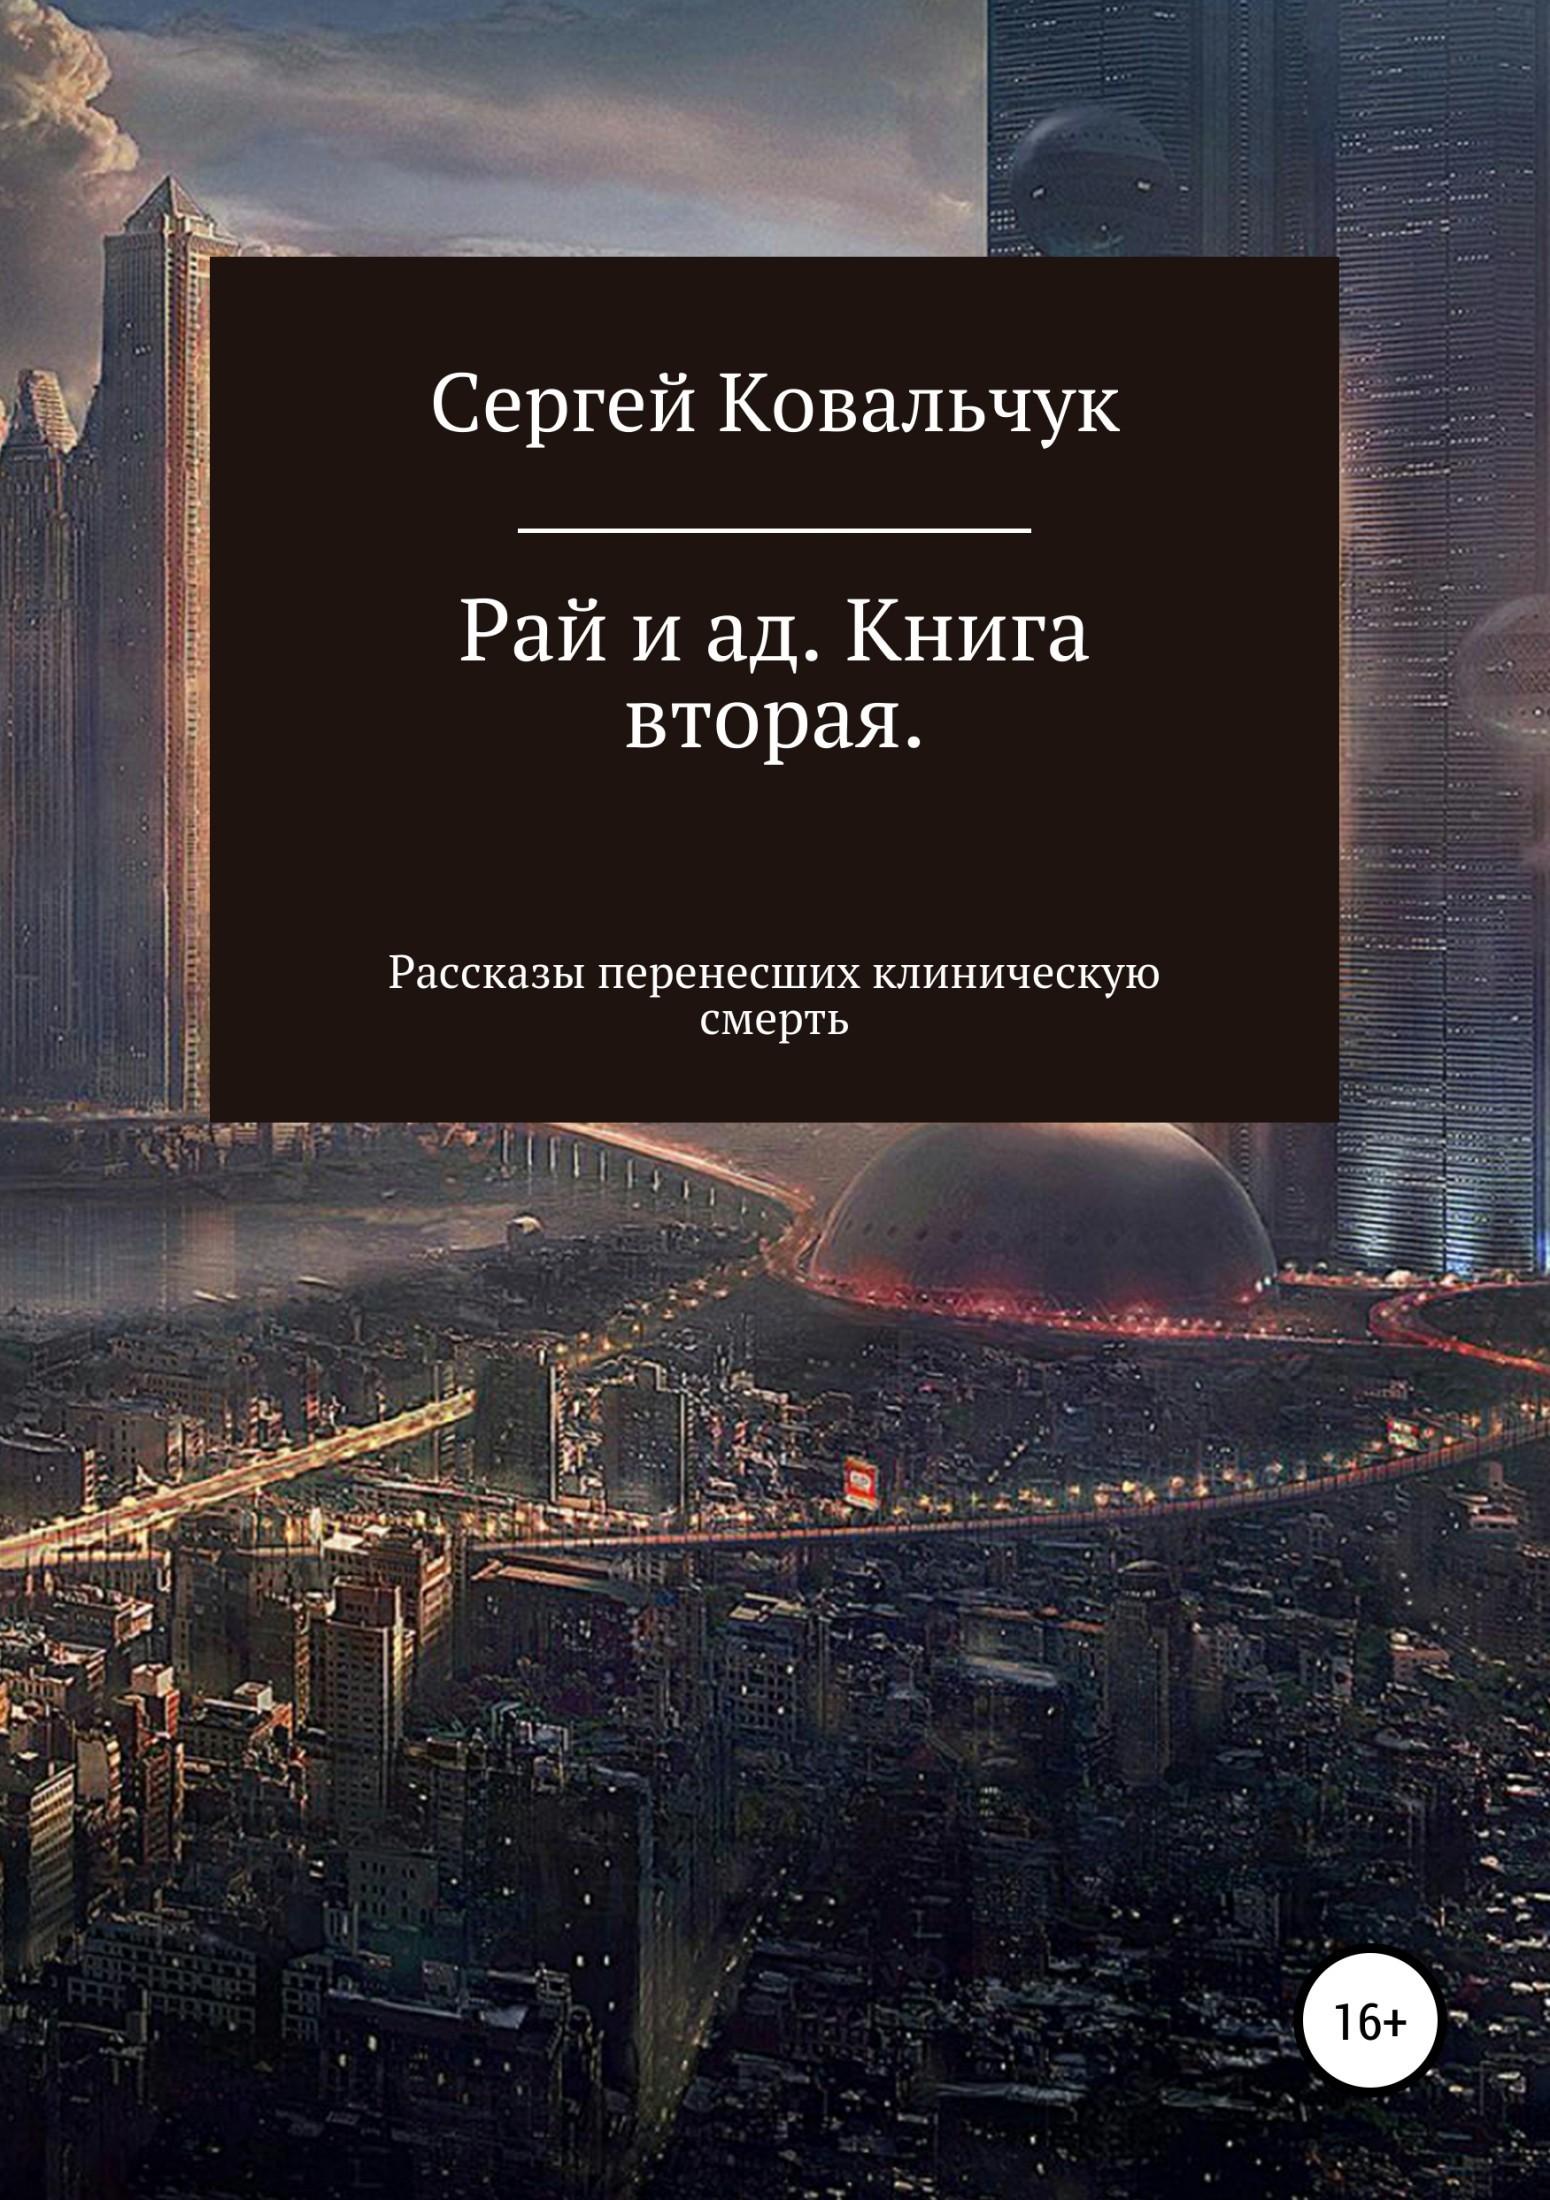 Сергей Ковальчук - Рай и ад. Книга вторая. Рассказы перенесших клиническую смерть